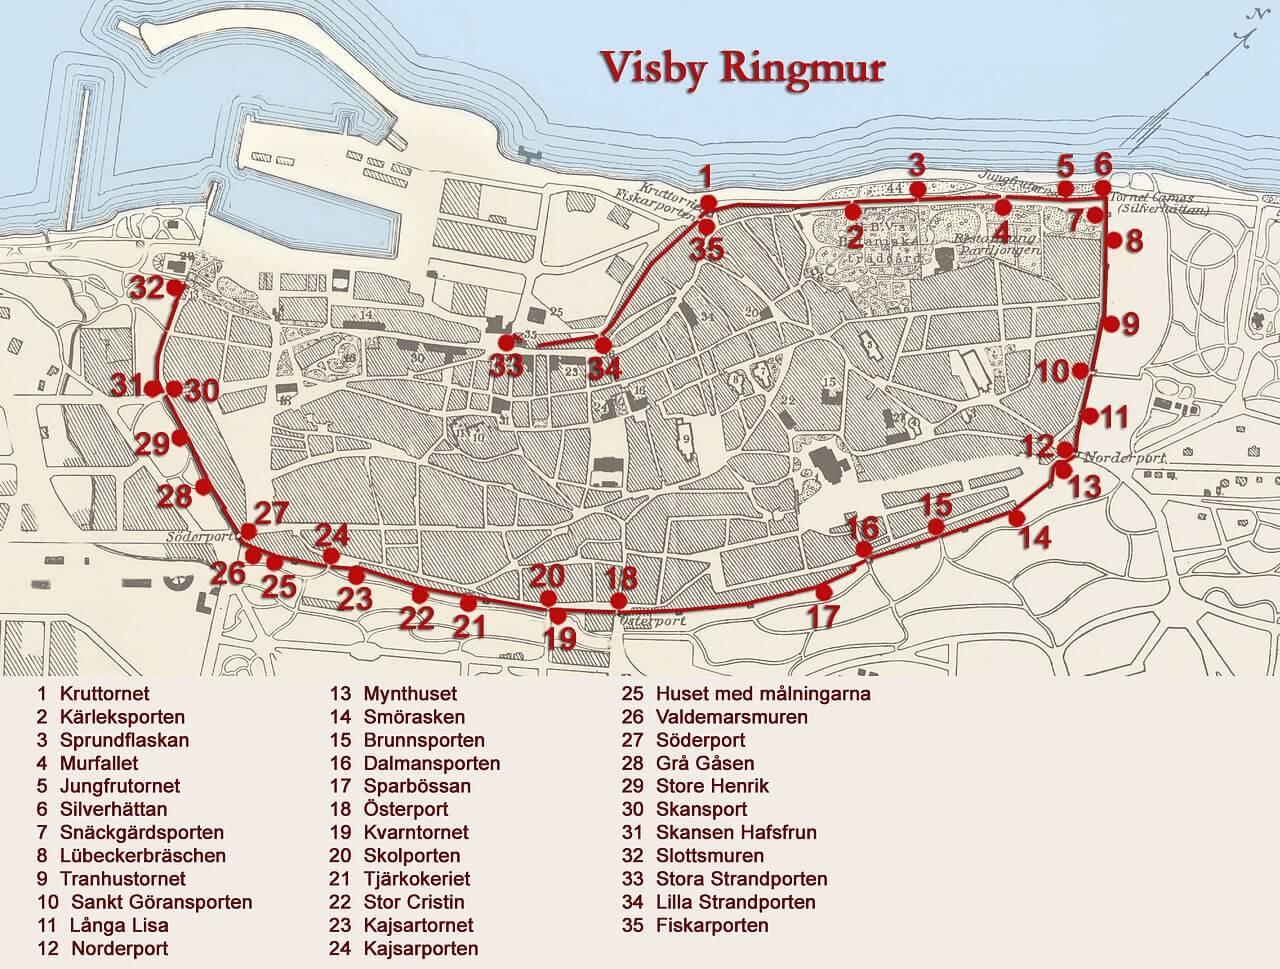 Mappa turistica delle mura di Visby (Gotland)